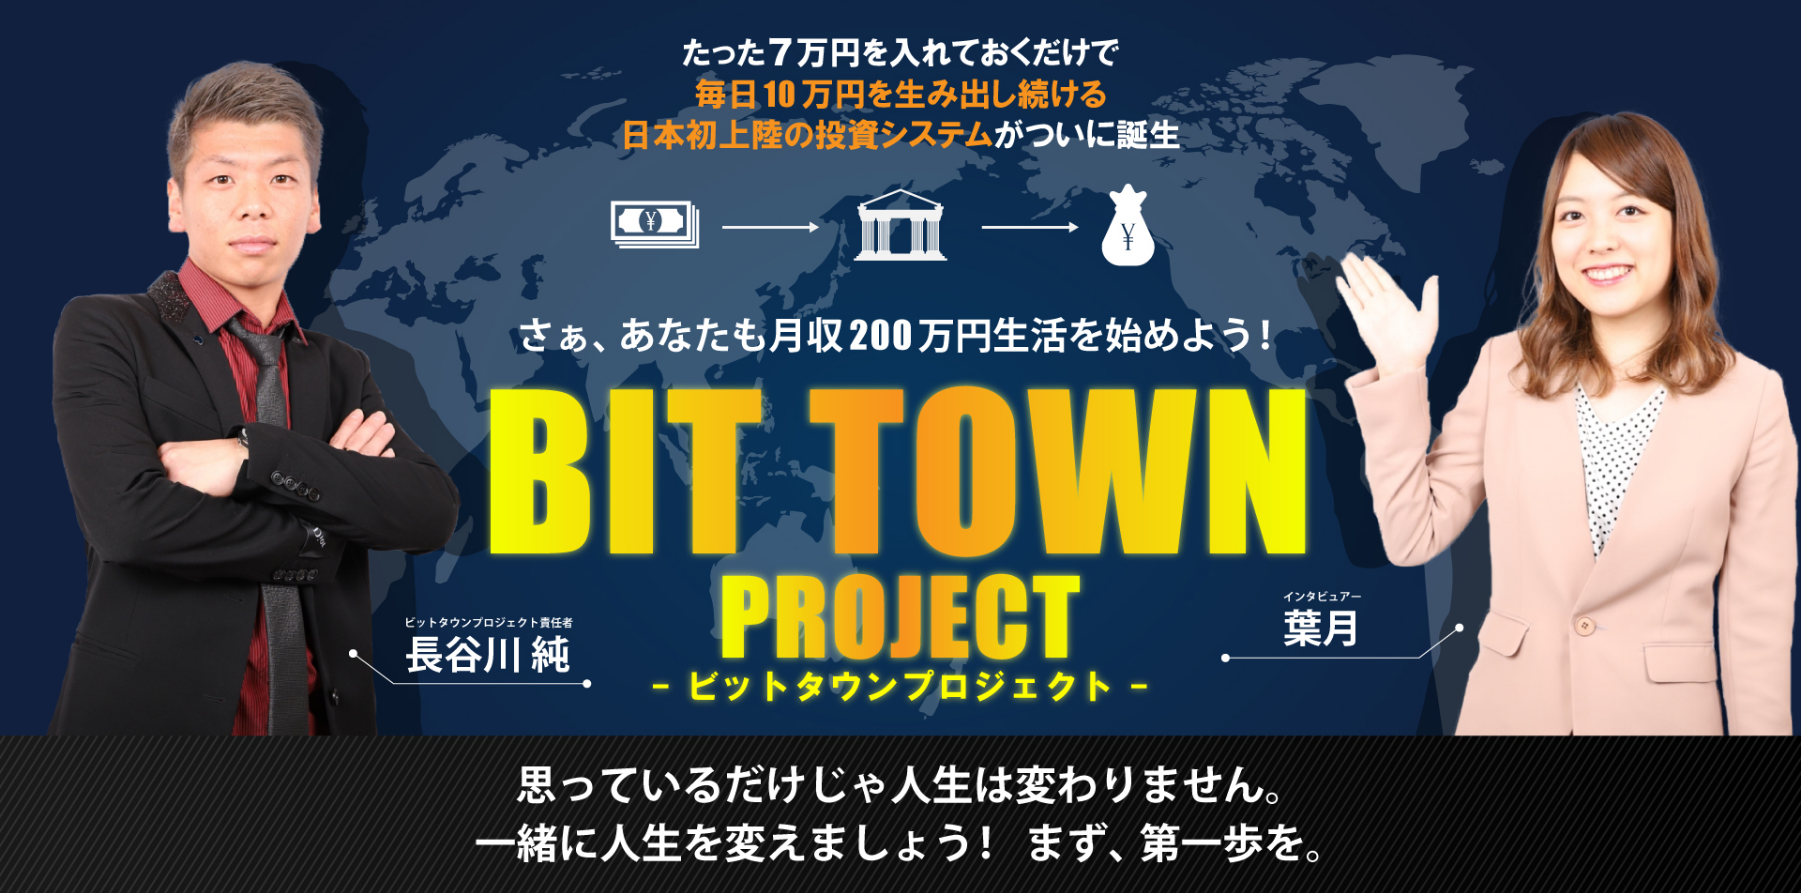 BITTOWN